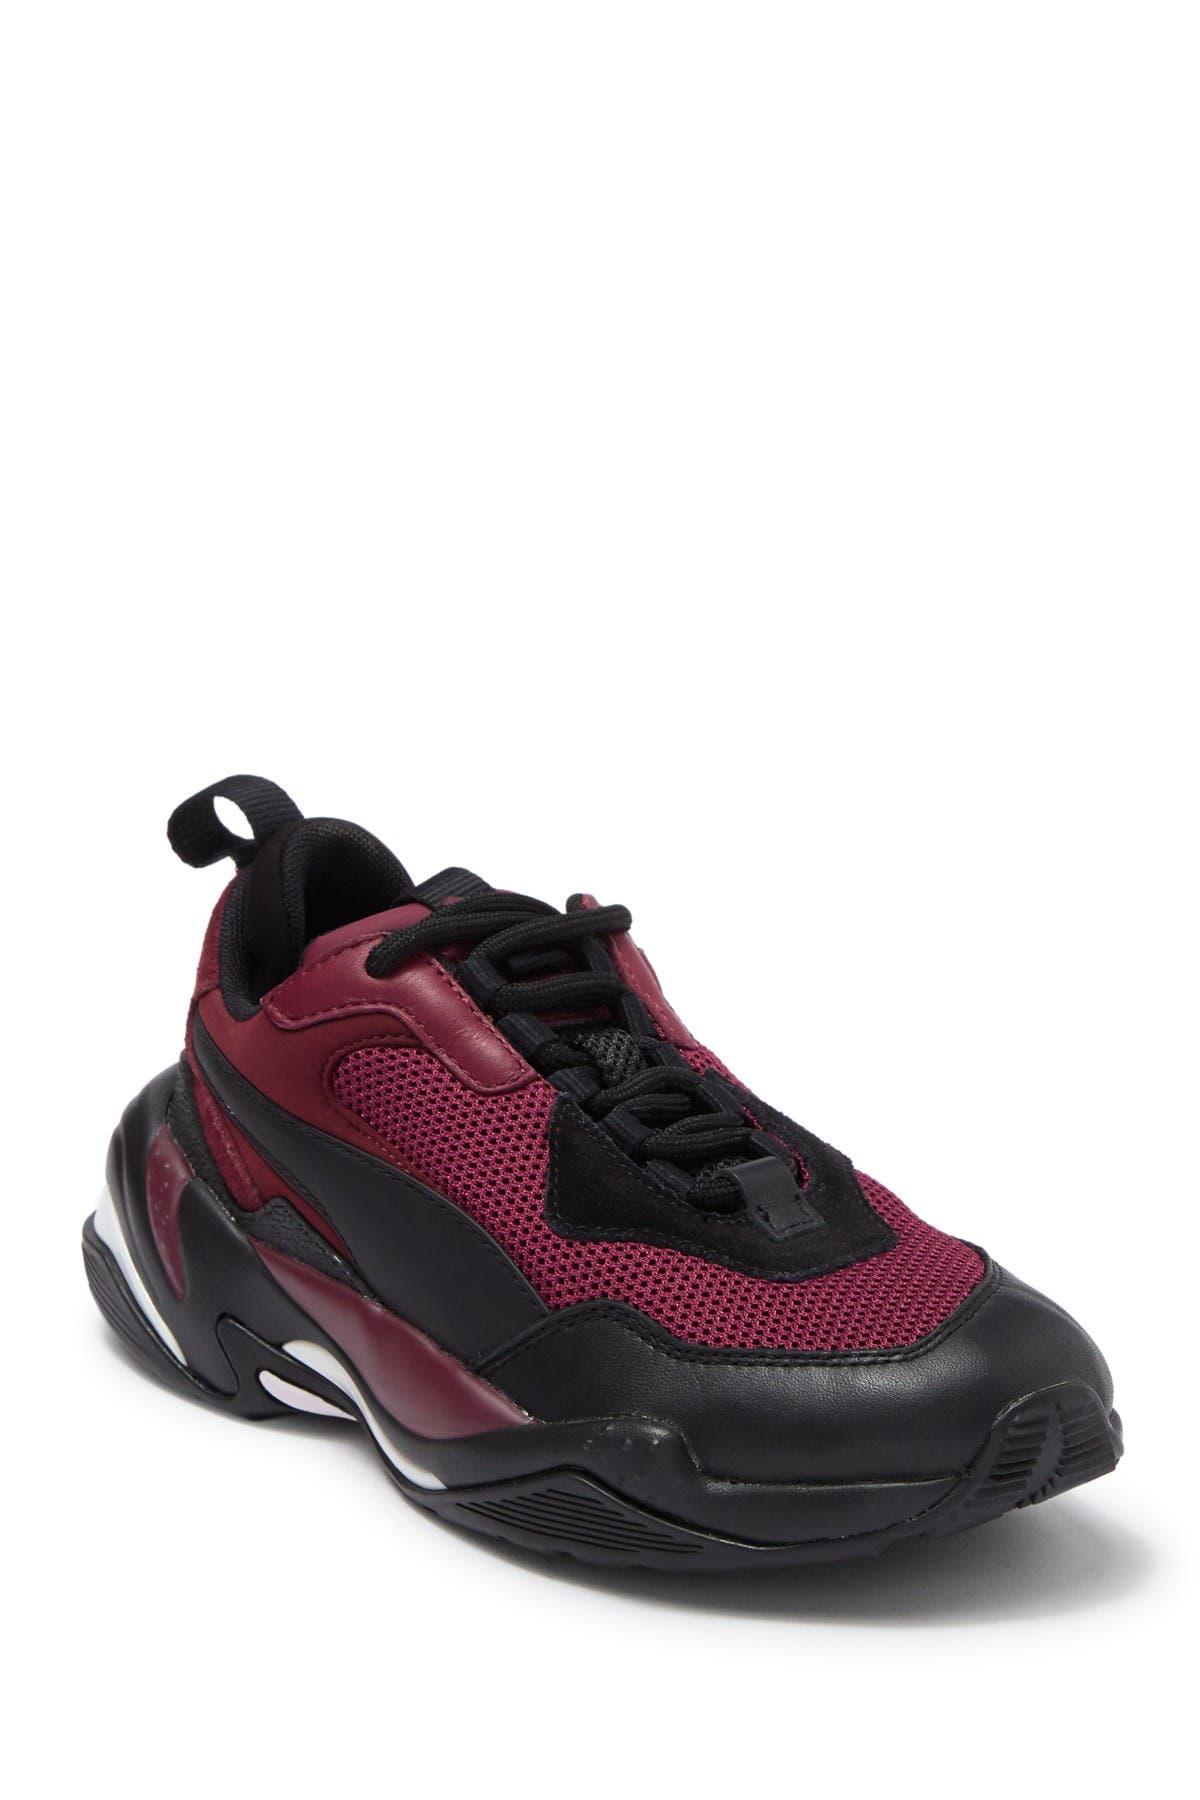 PUMA | Thunder Spectra Junior Sneaker